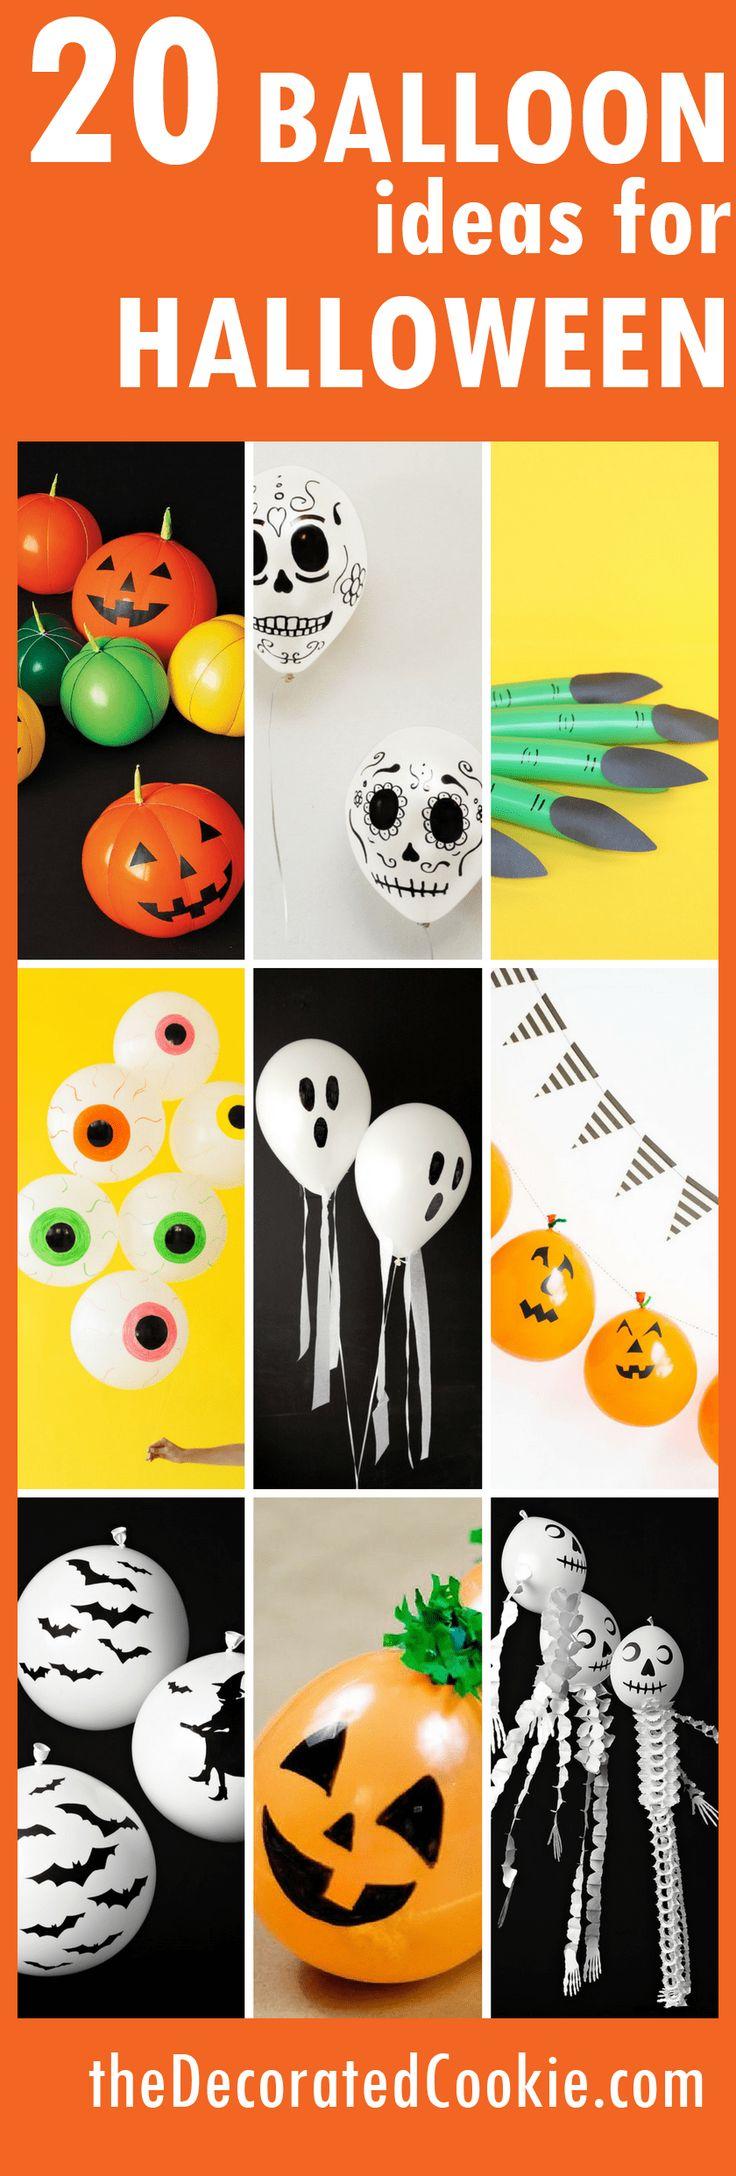 20 balloon ideas for Halloween parties